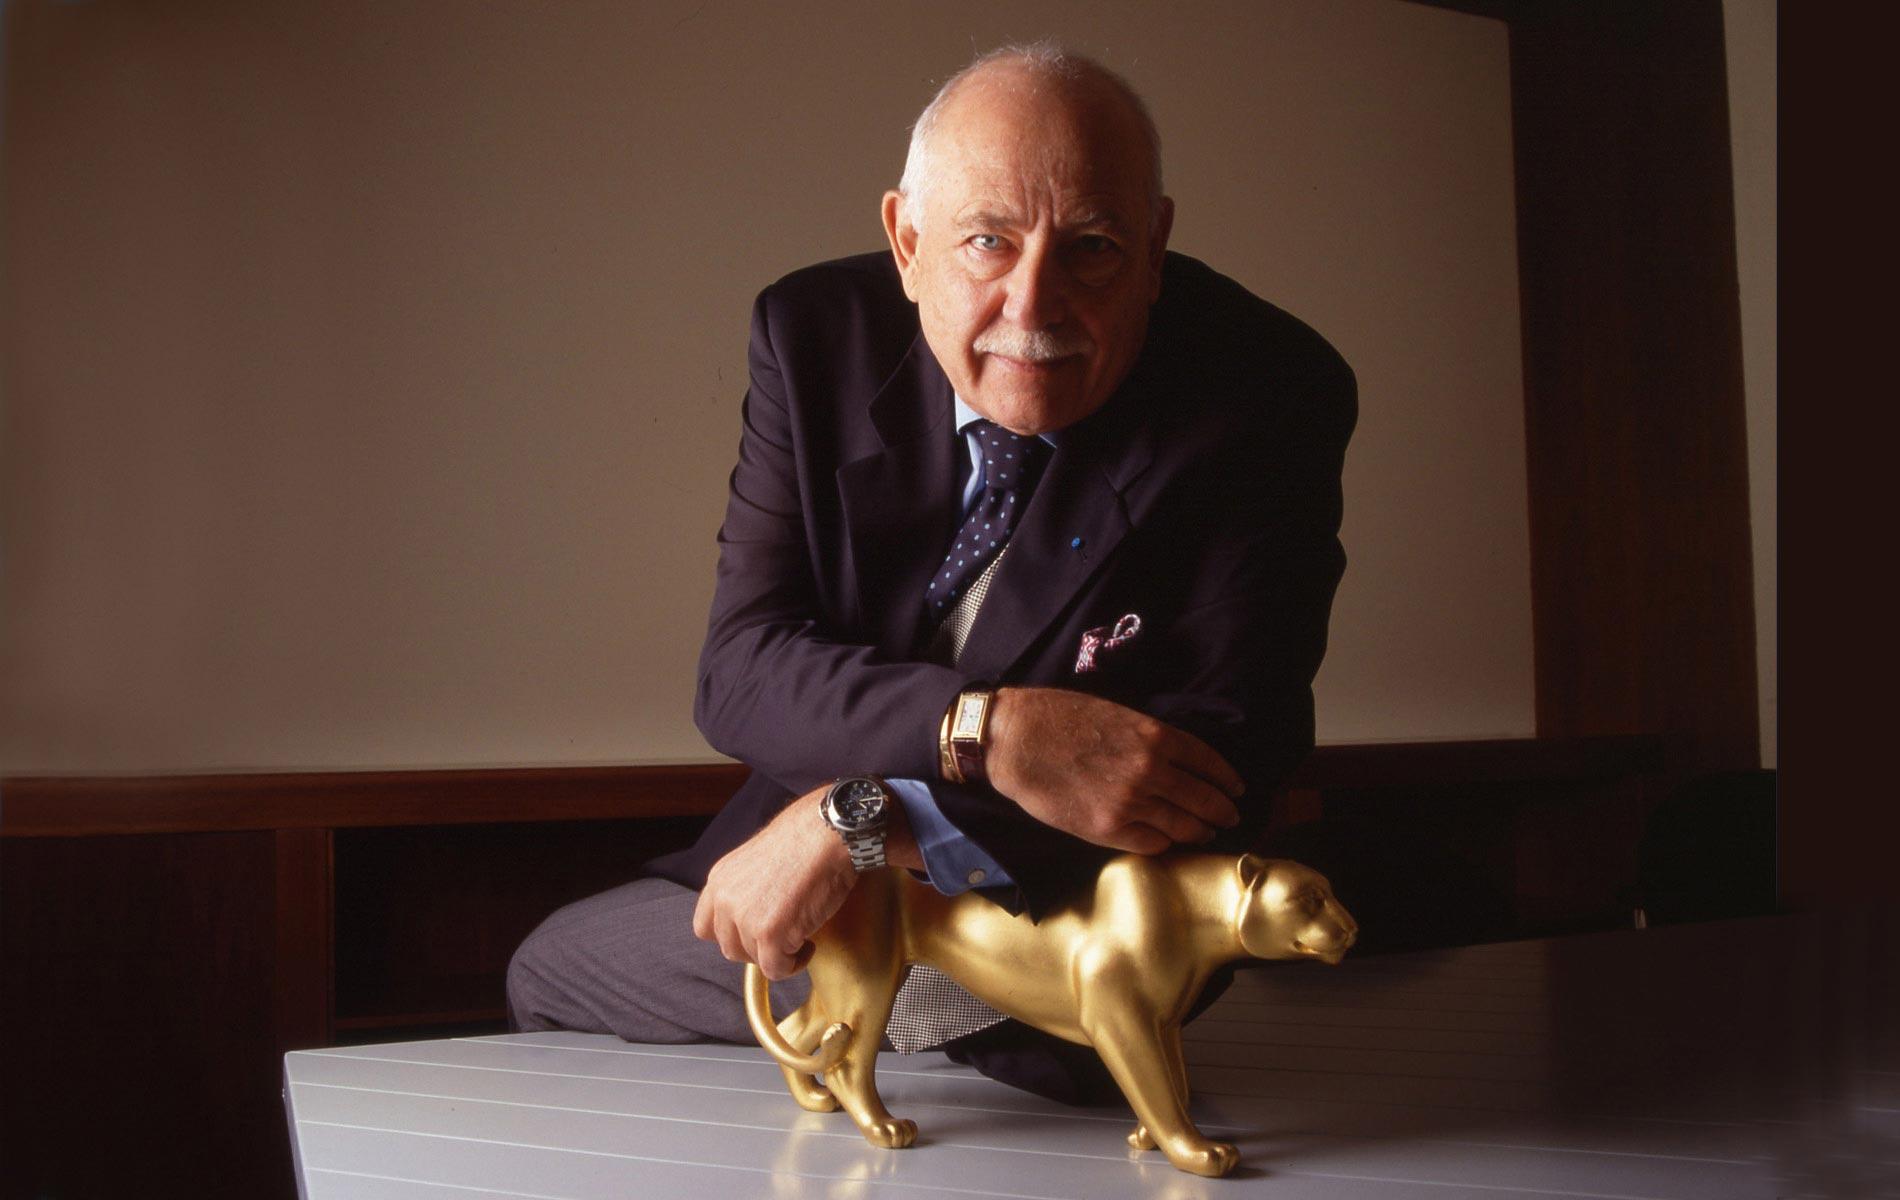 FRANCO COLOGNI - Italia President of Cartier - Portraits Exhibition - © Graziano Villa